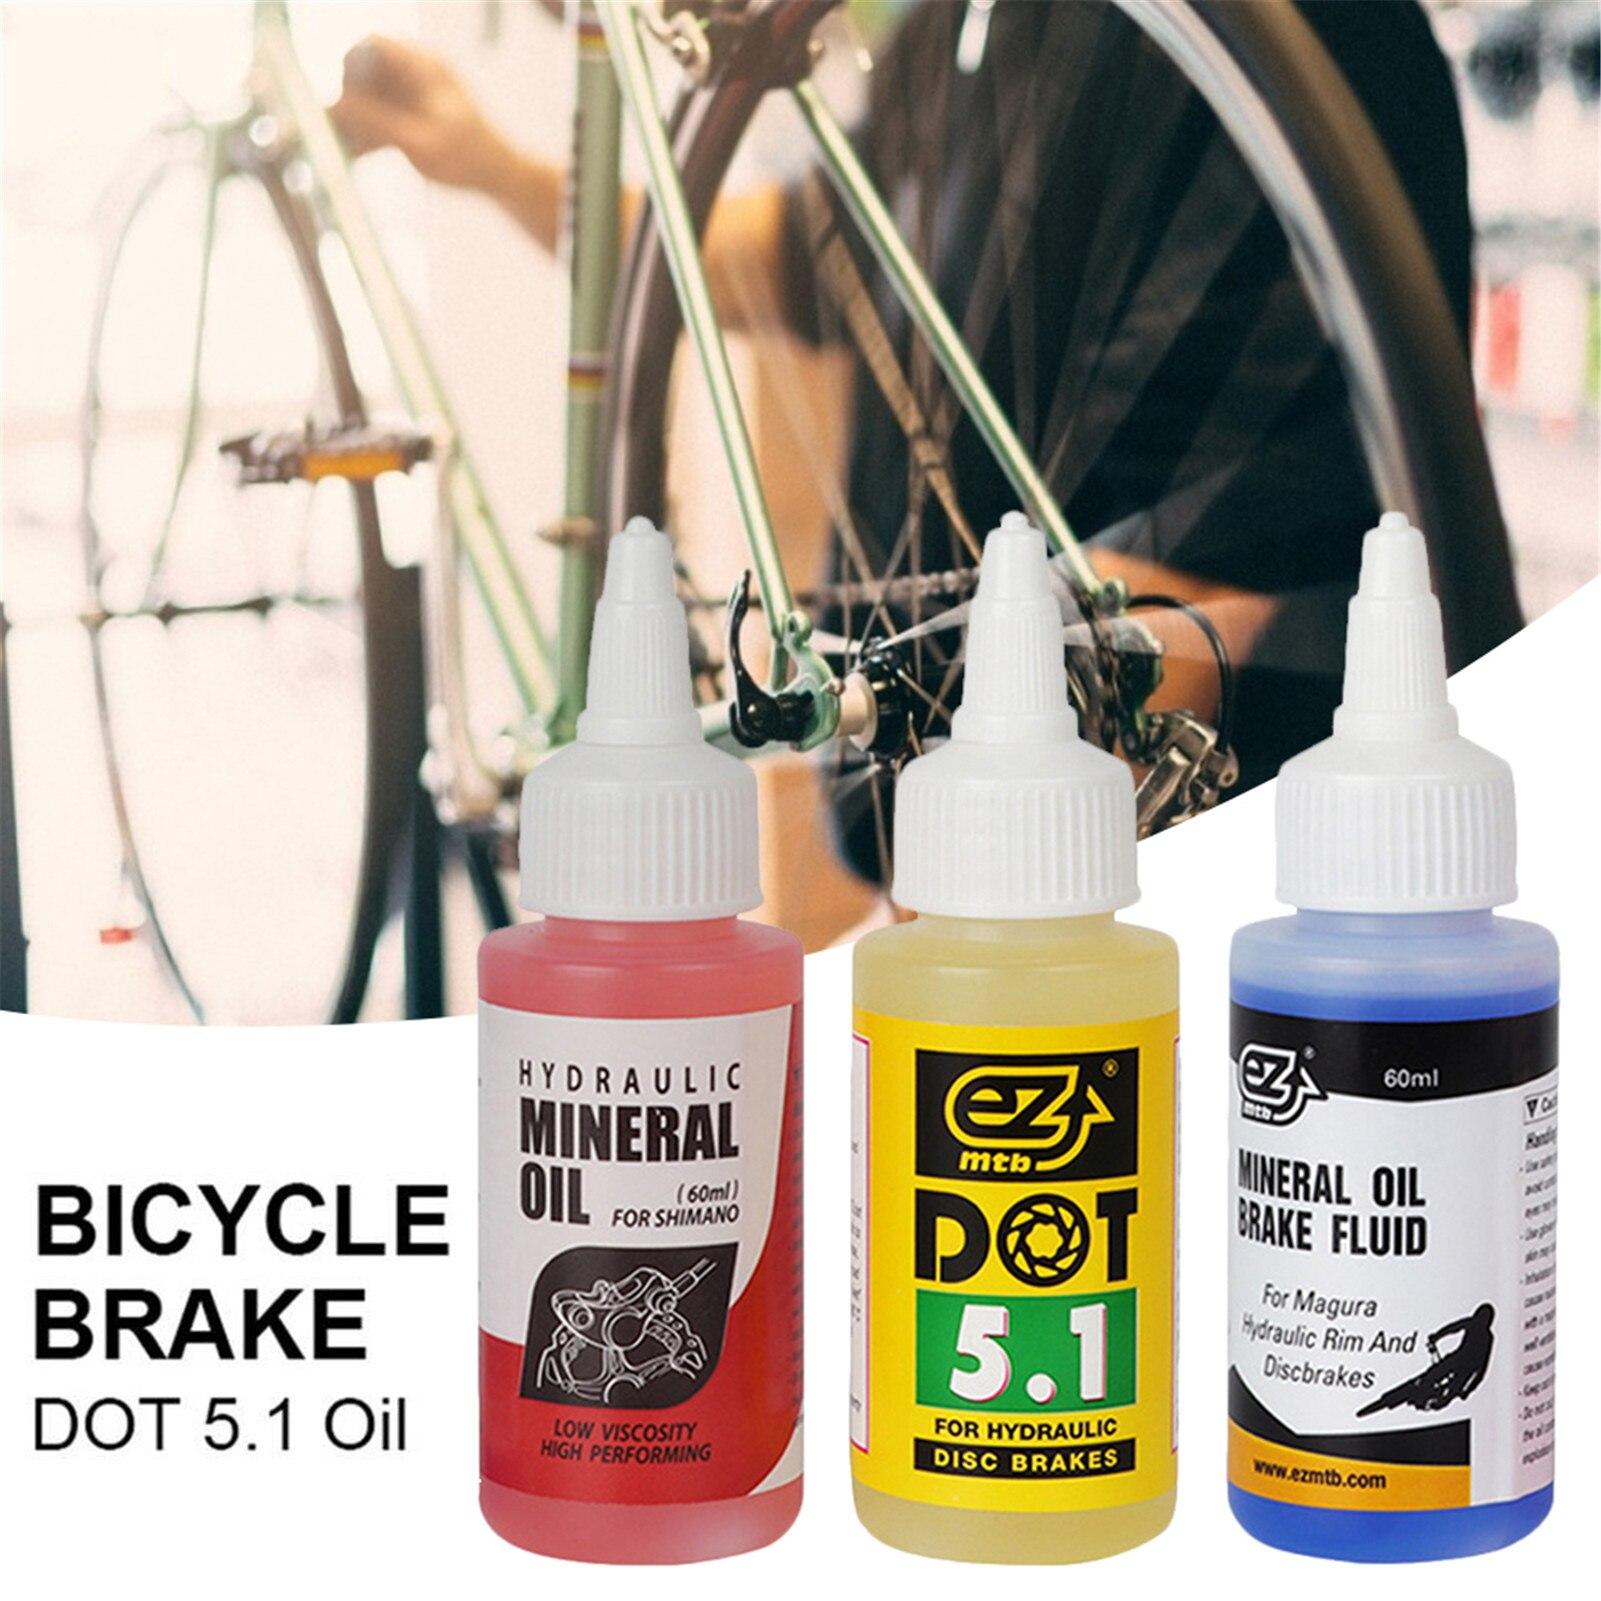 Велосипедные тормоза минеральное масло Системы 60 мл жидкости велосипеды горные велосипеды дисковый тормоз горного велосипеда масло для ...